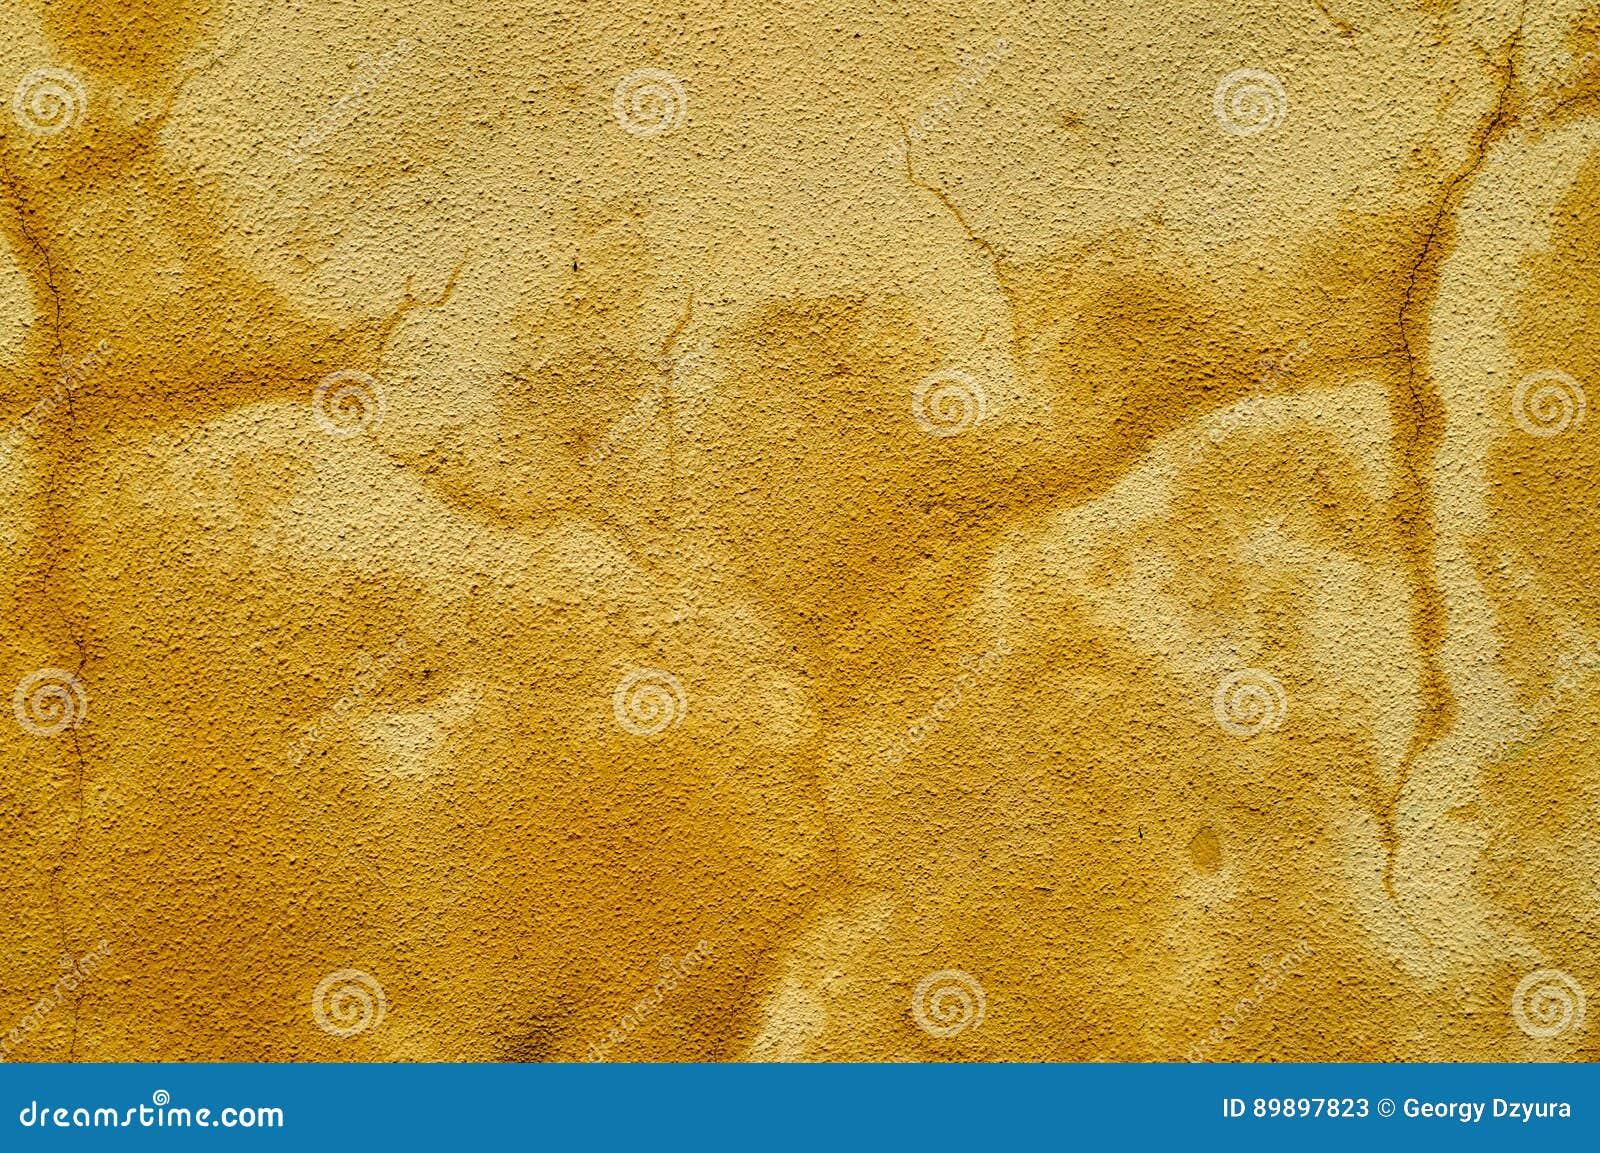 Gemalte Gelbe Schabige Wand Mit Nassen Flecken Stockbild Bild Von